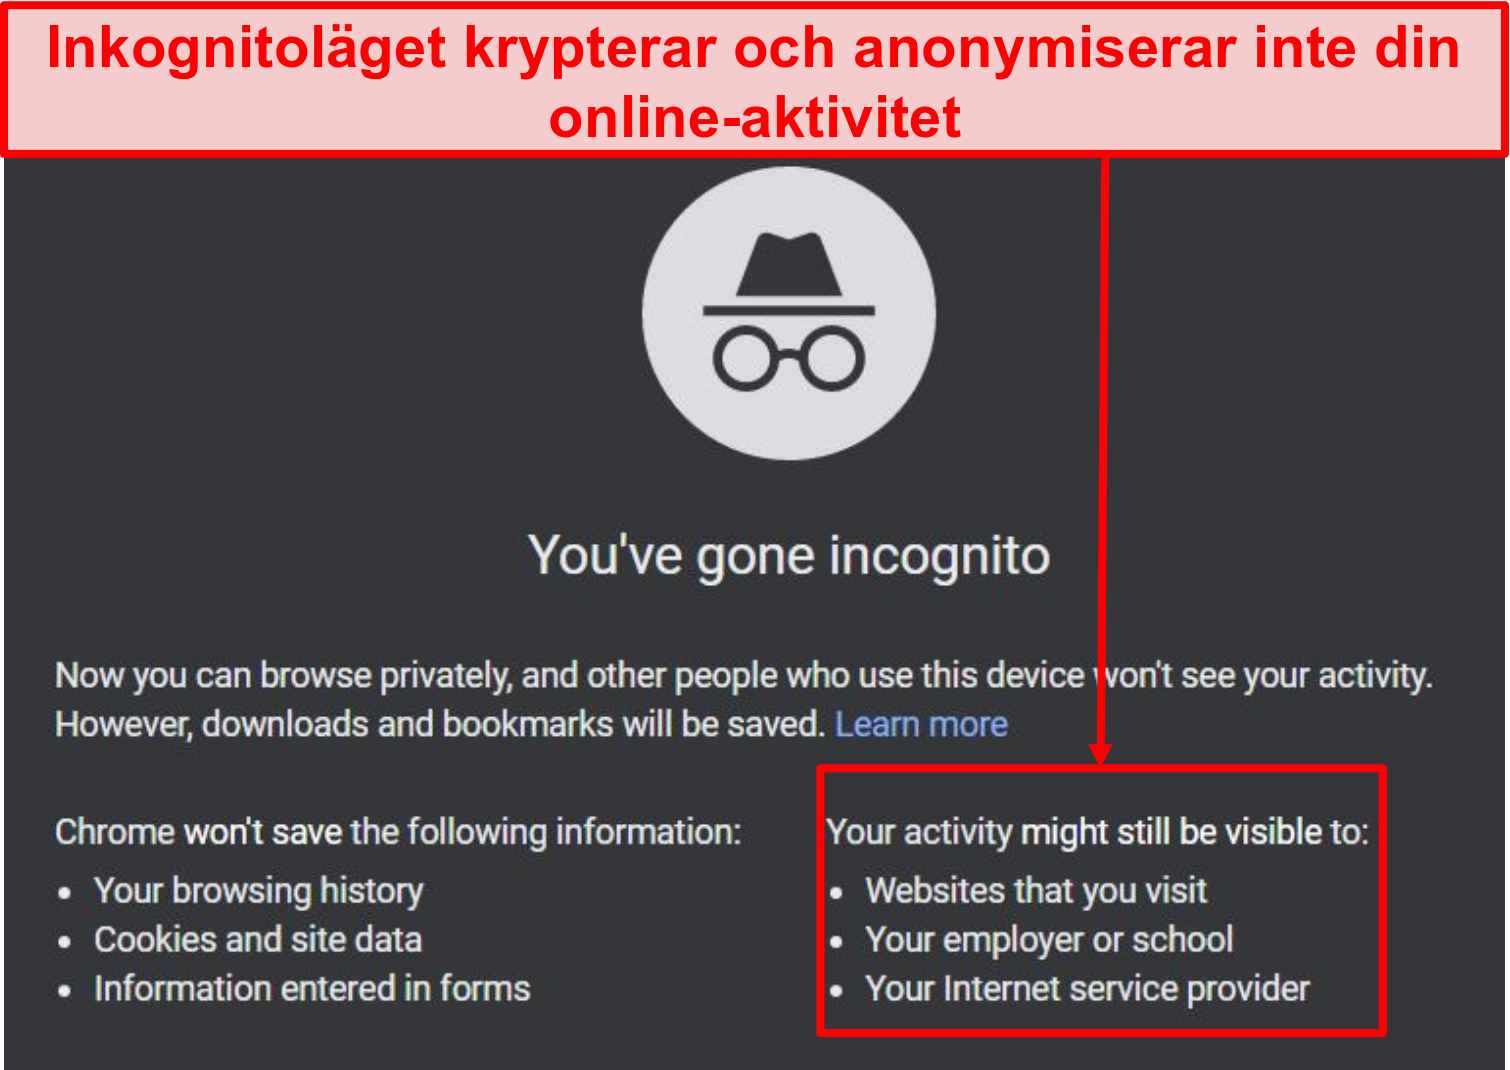 Skärmdump av meddelanden om inkognitoläge.